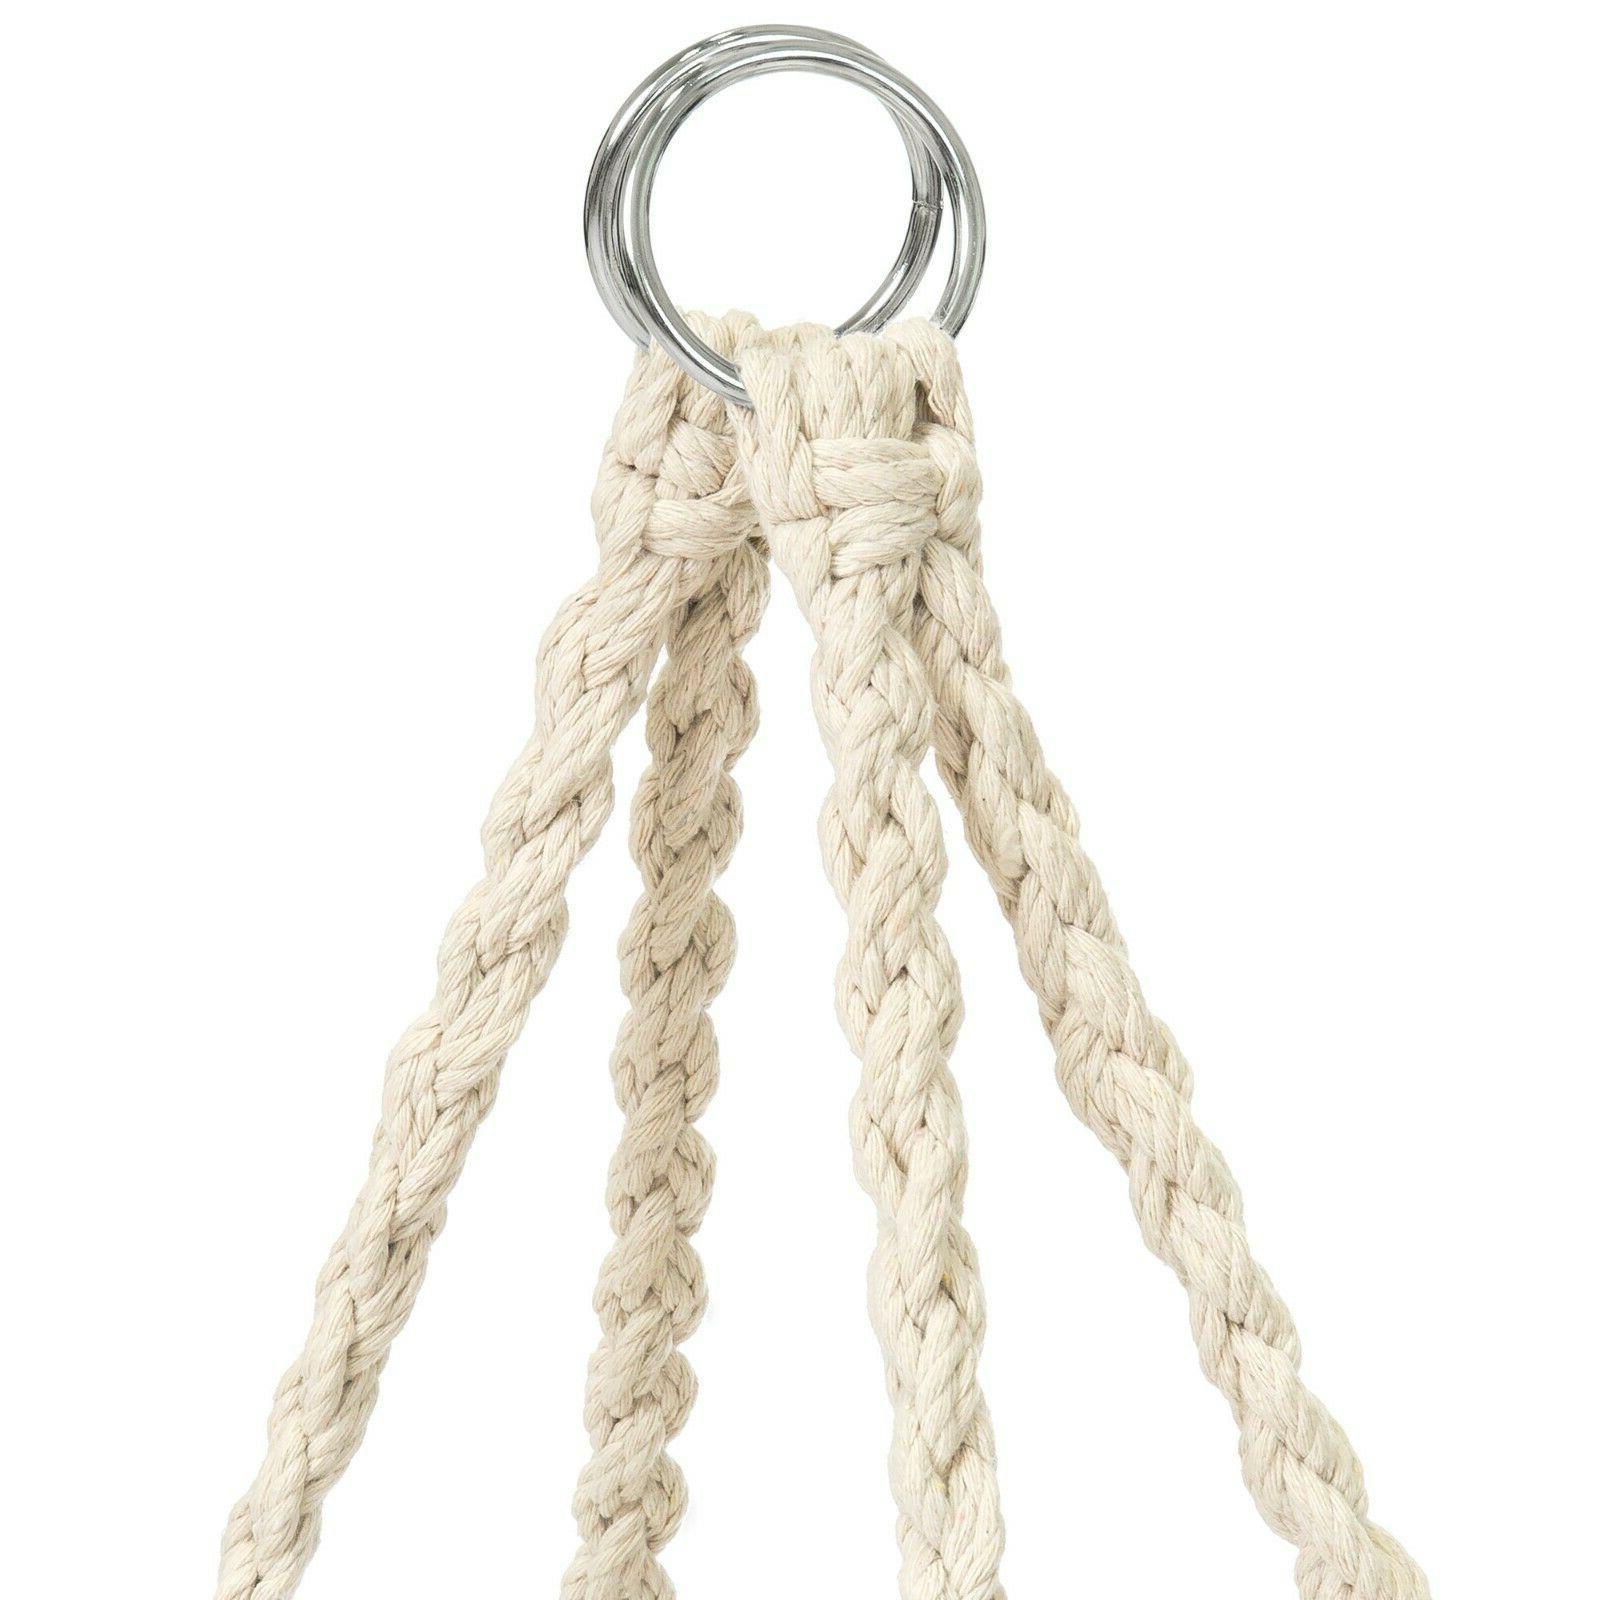 Hammock Hanging Swing All Best W